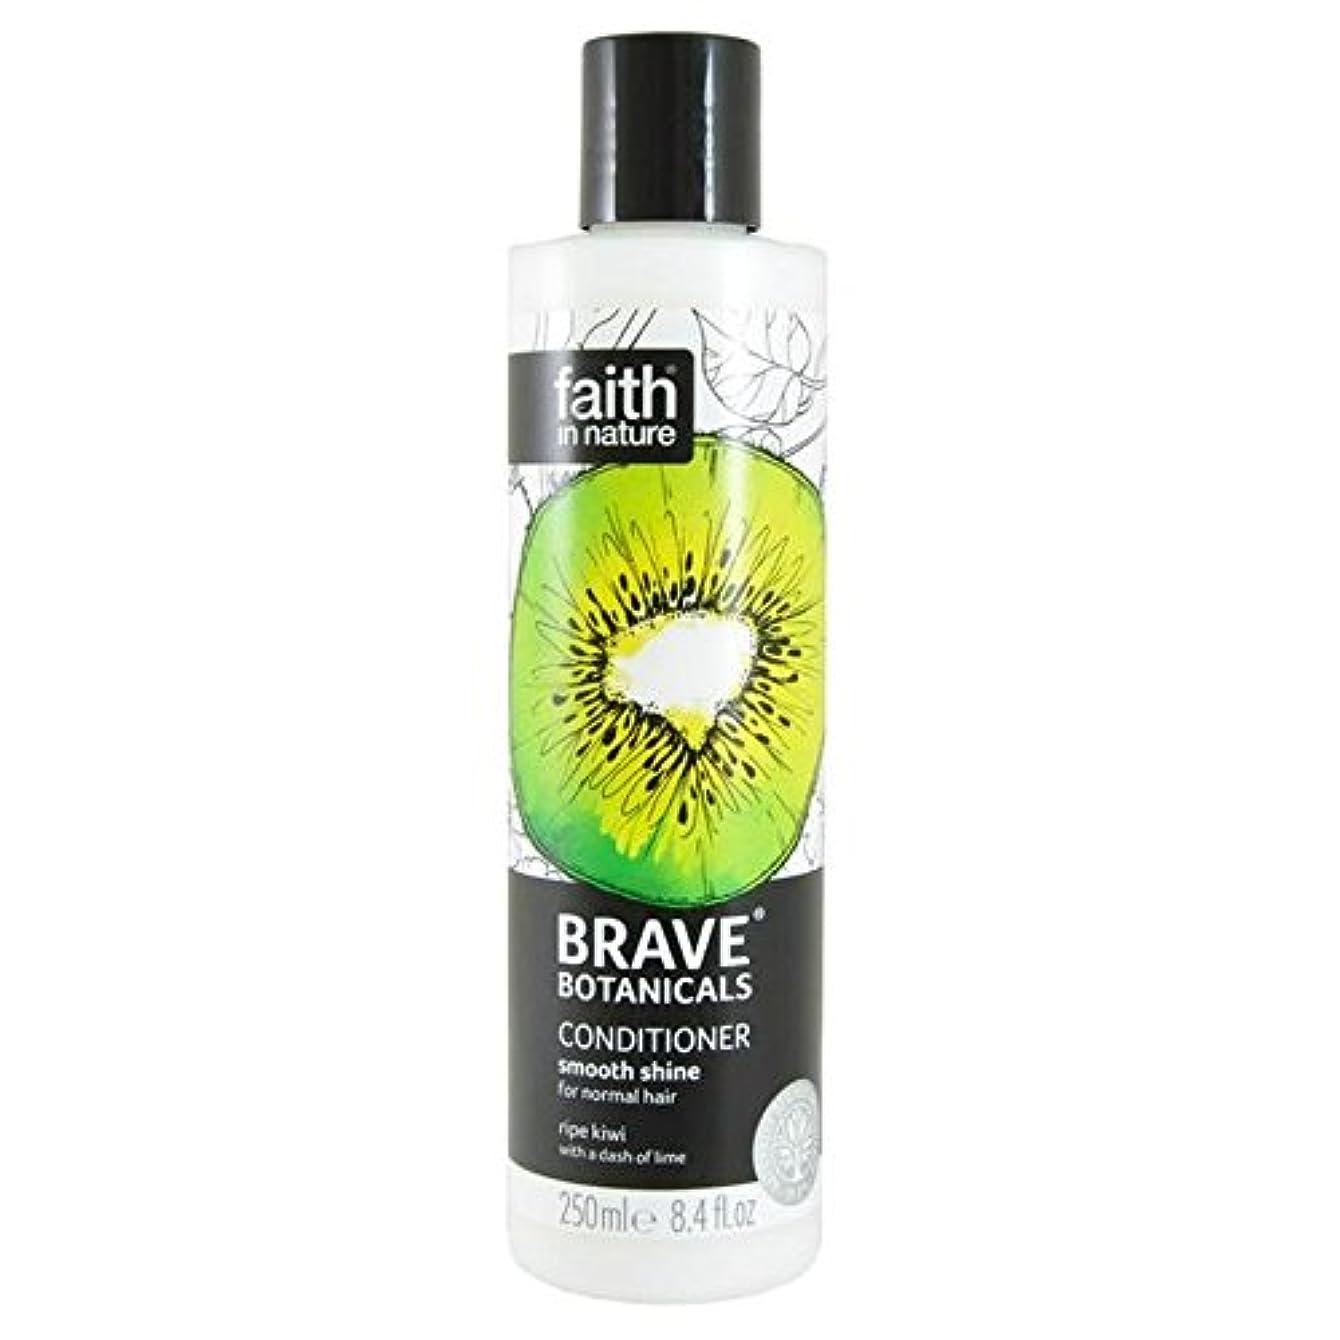 疑問を超えてコンテンツピアノBrave Botanicals Kiwi & Lime Smooth Shine Conditioner 250ml (Pack of 2) - (Faith In Nature) 勇敢な植物キウイ&ライムなめらかな輝...